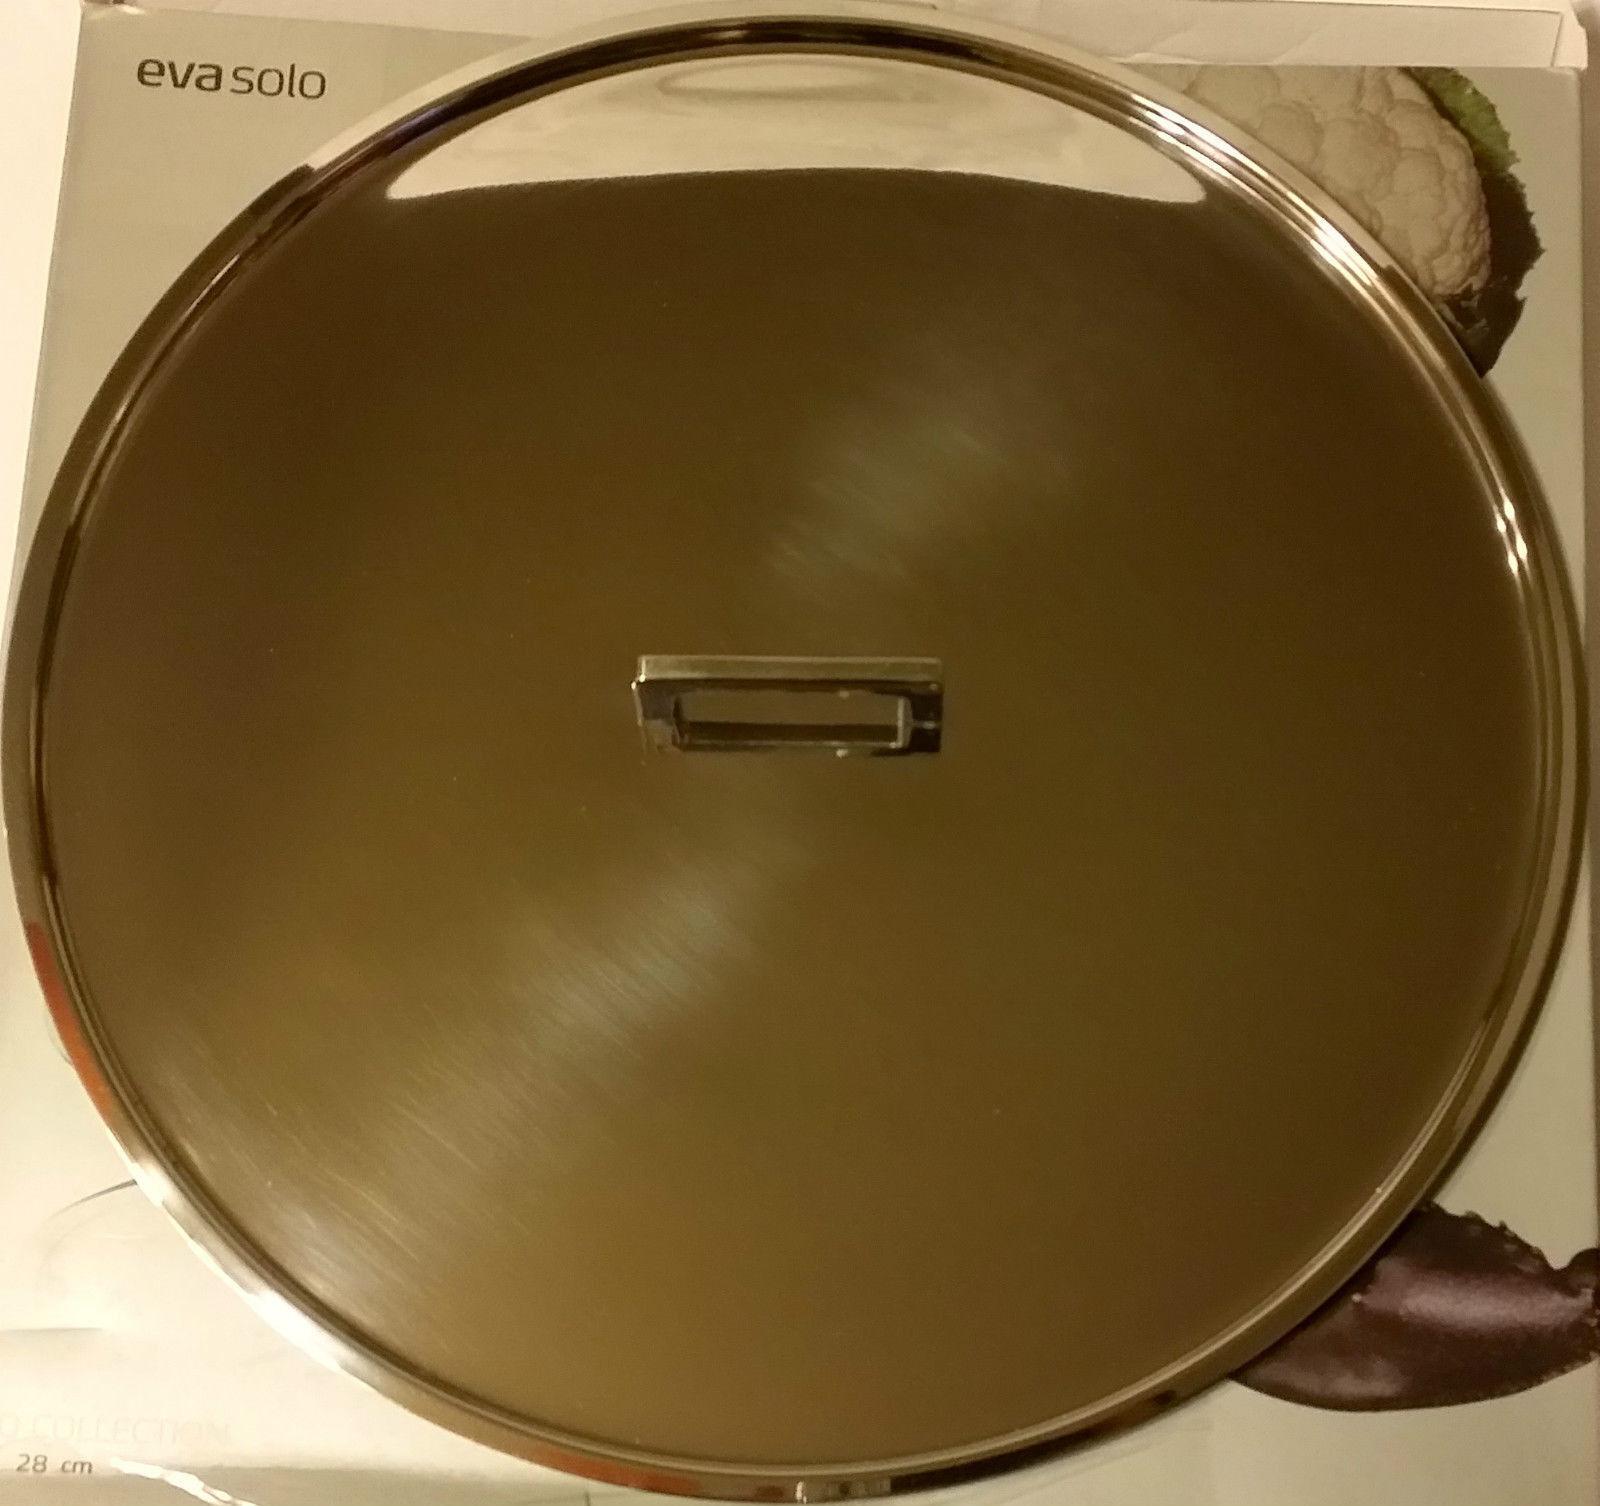 Nouveau Eva Solo XO Pot en acier inoxydable Pan Couvercle 28 cm-livraison gratuite